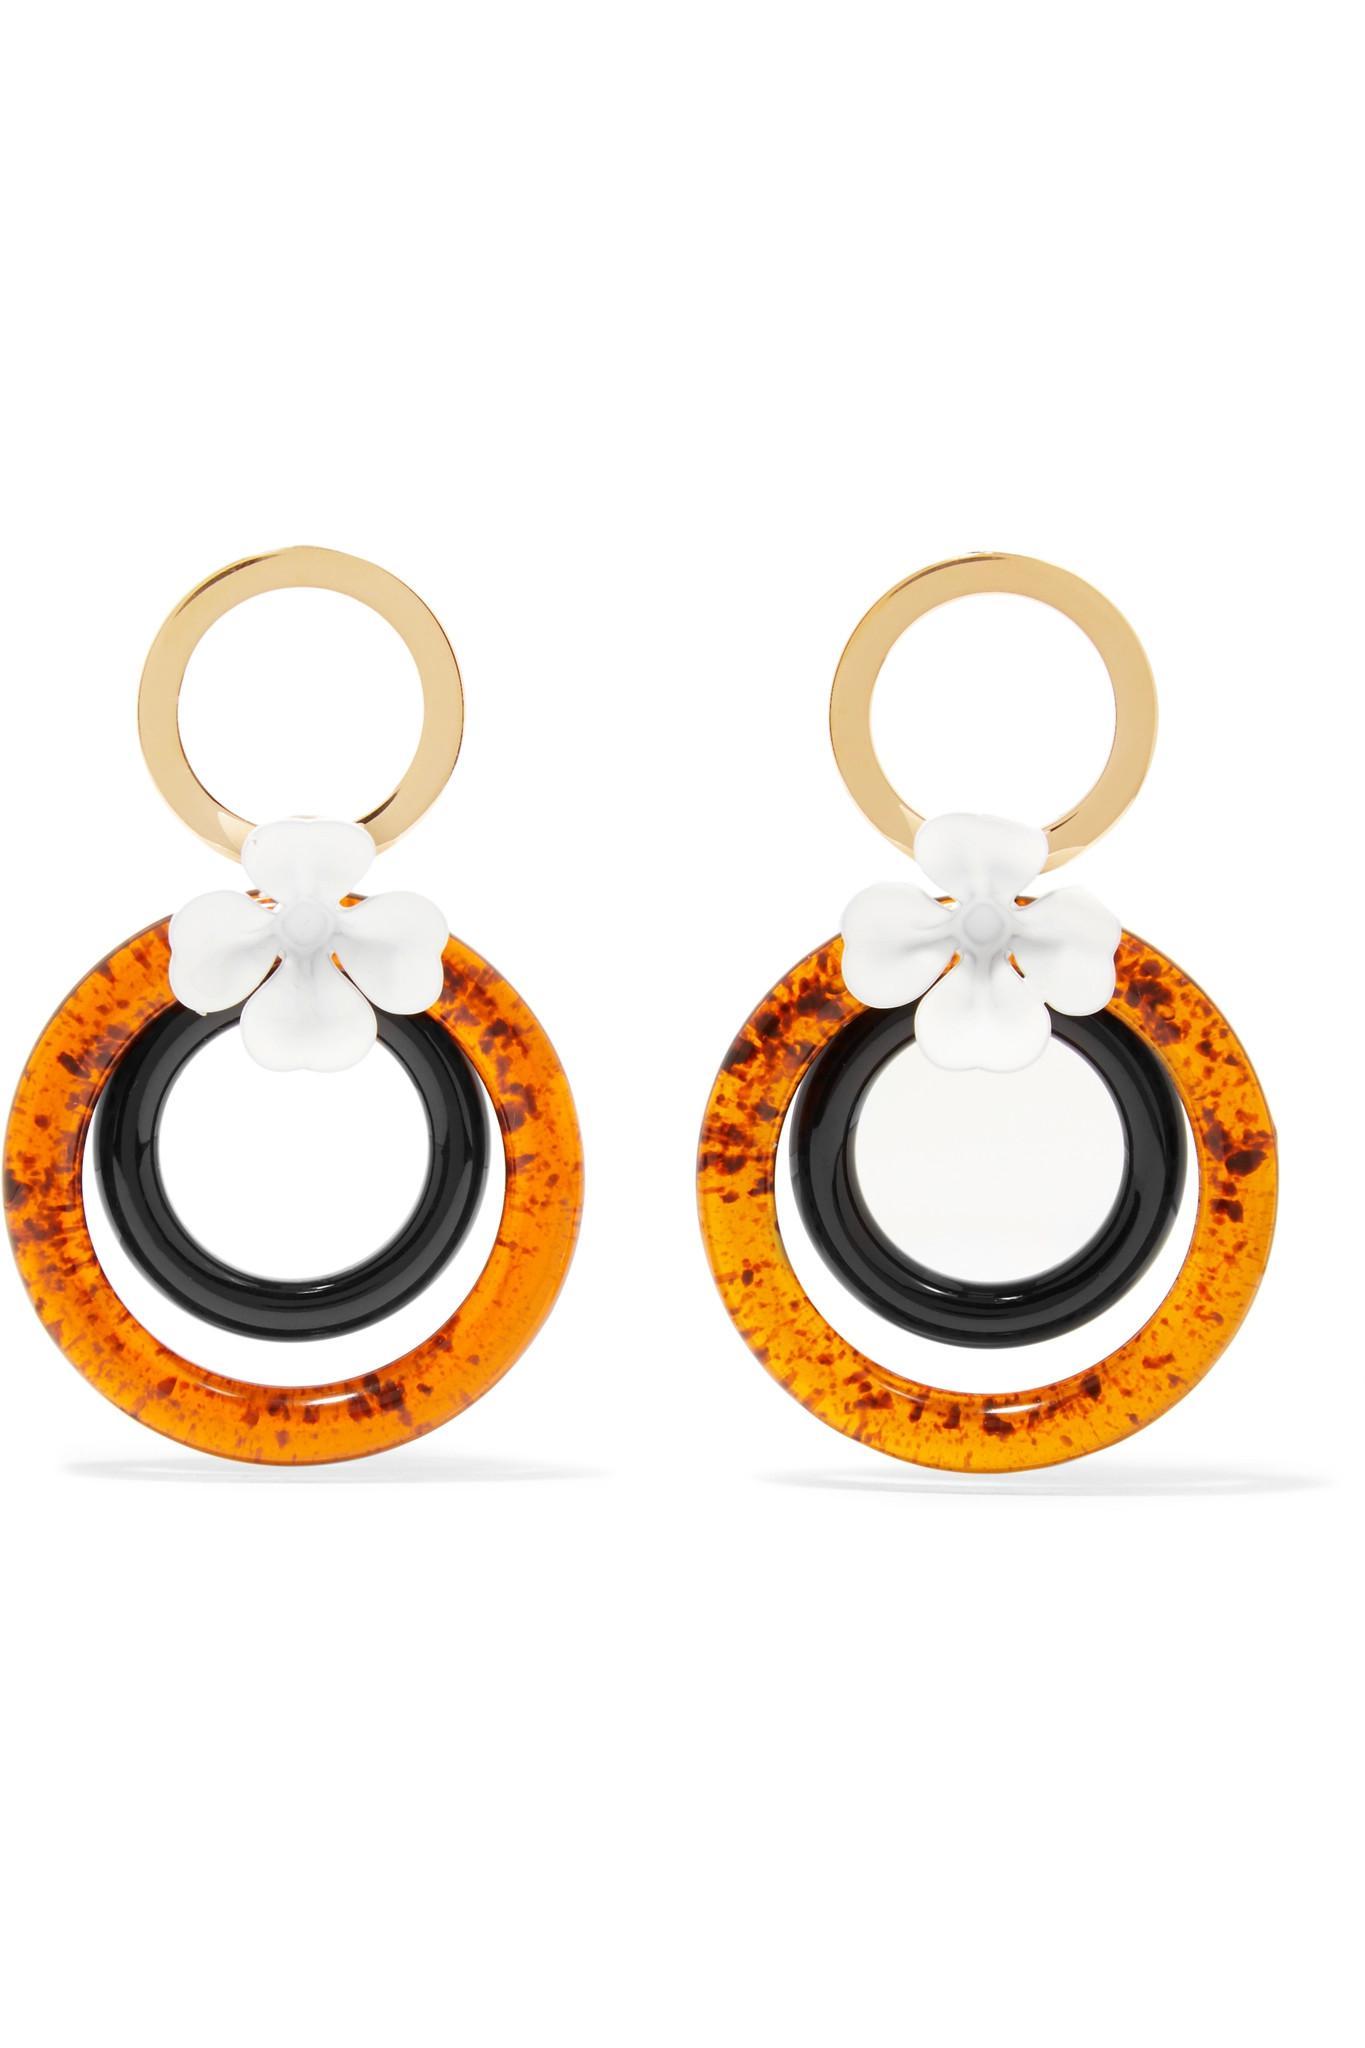 Tons D'or, Résine Et Boucles D'oreilles En Cristal - Marni Orange